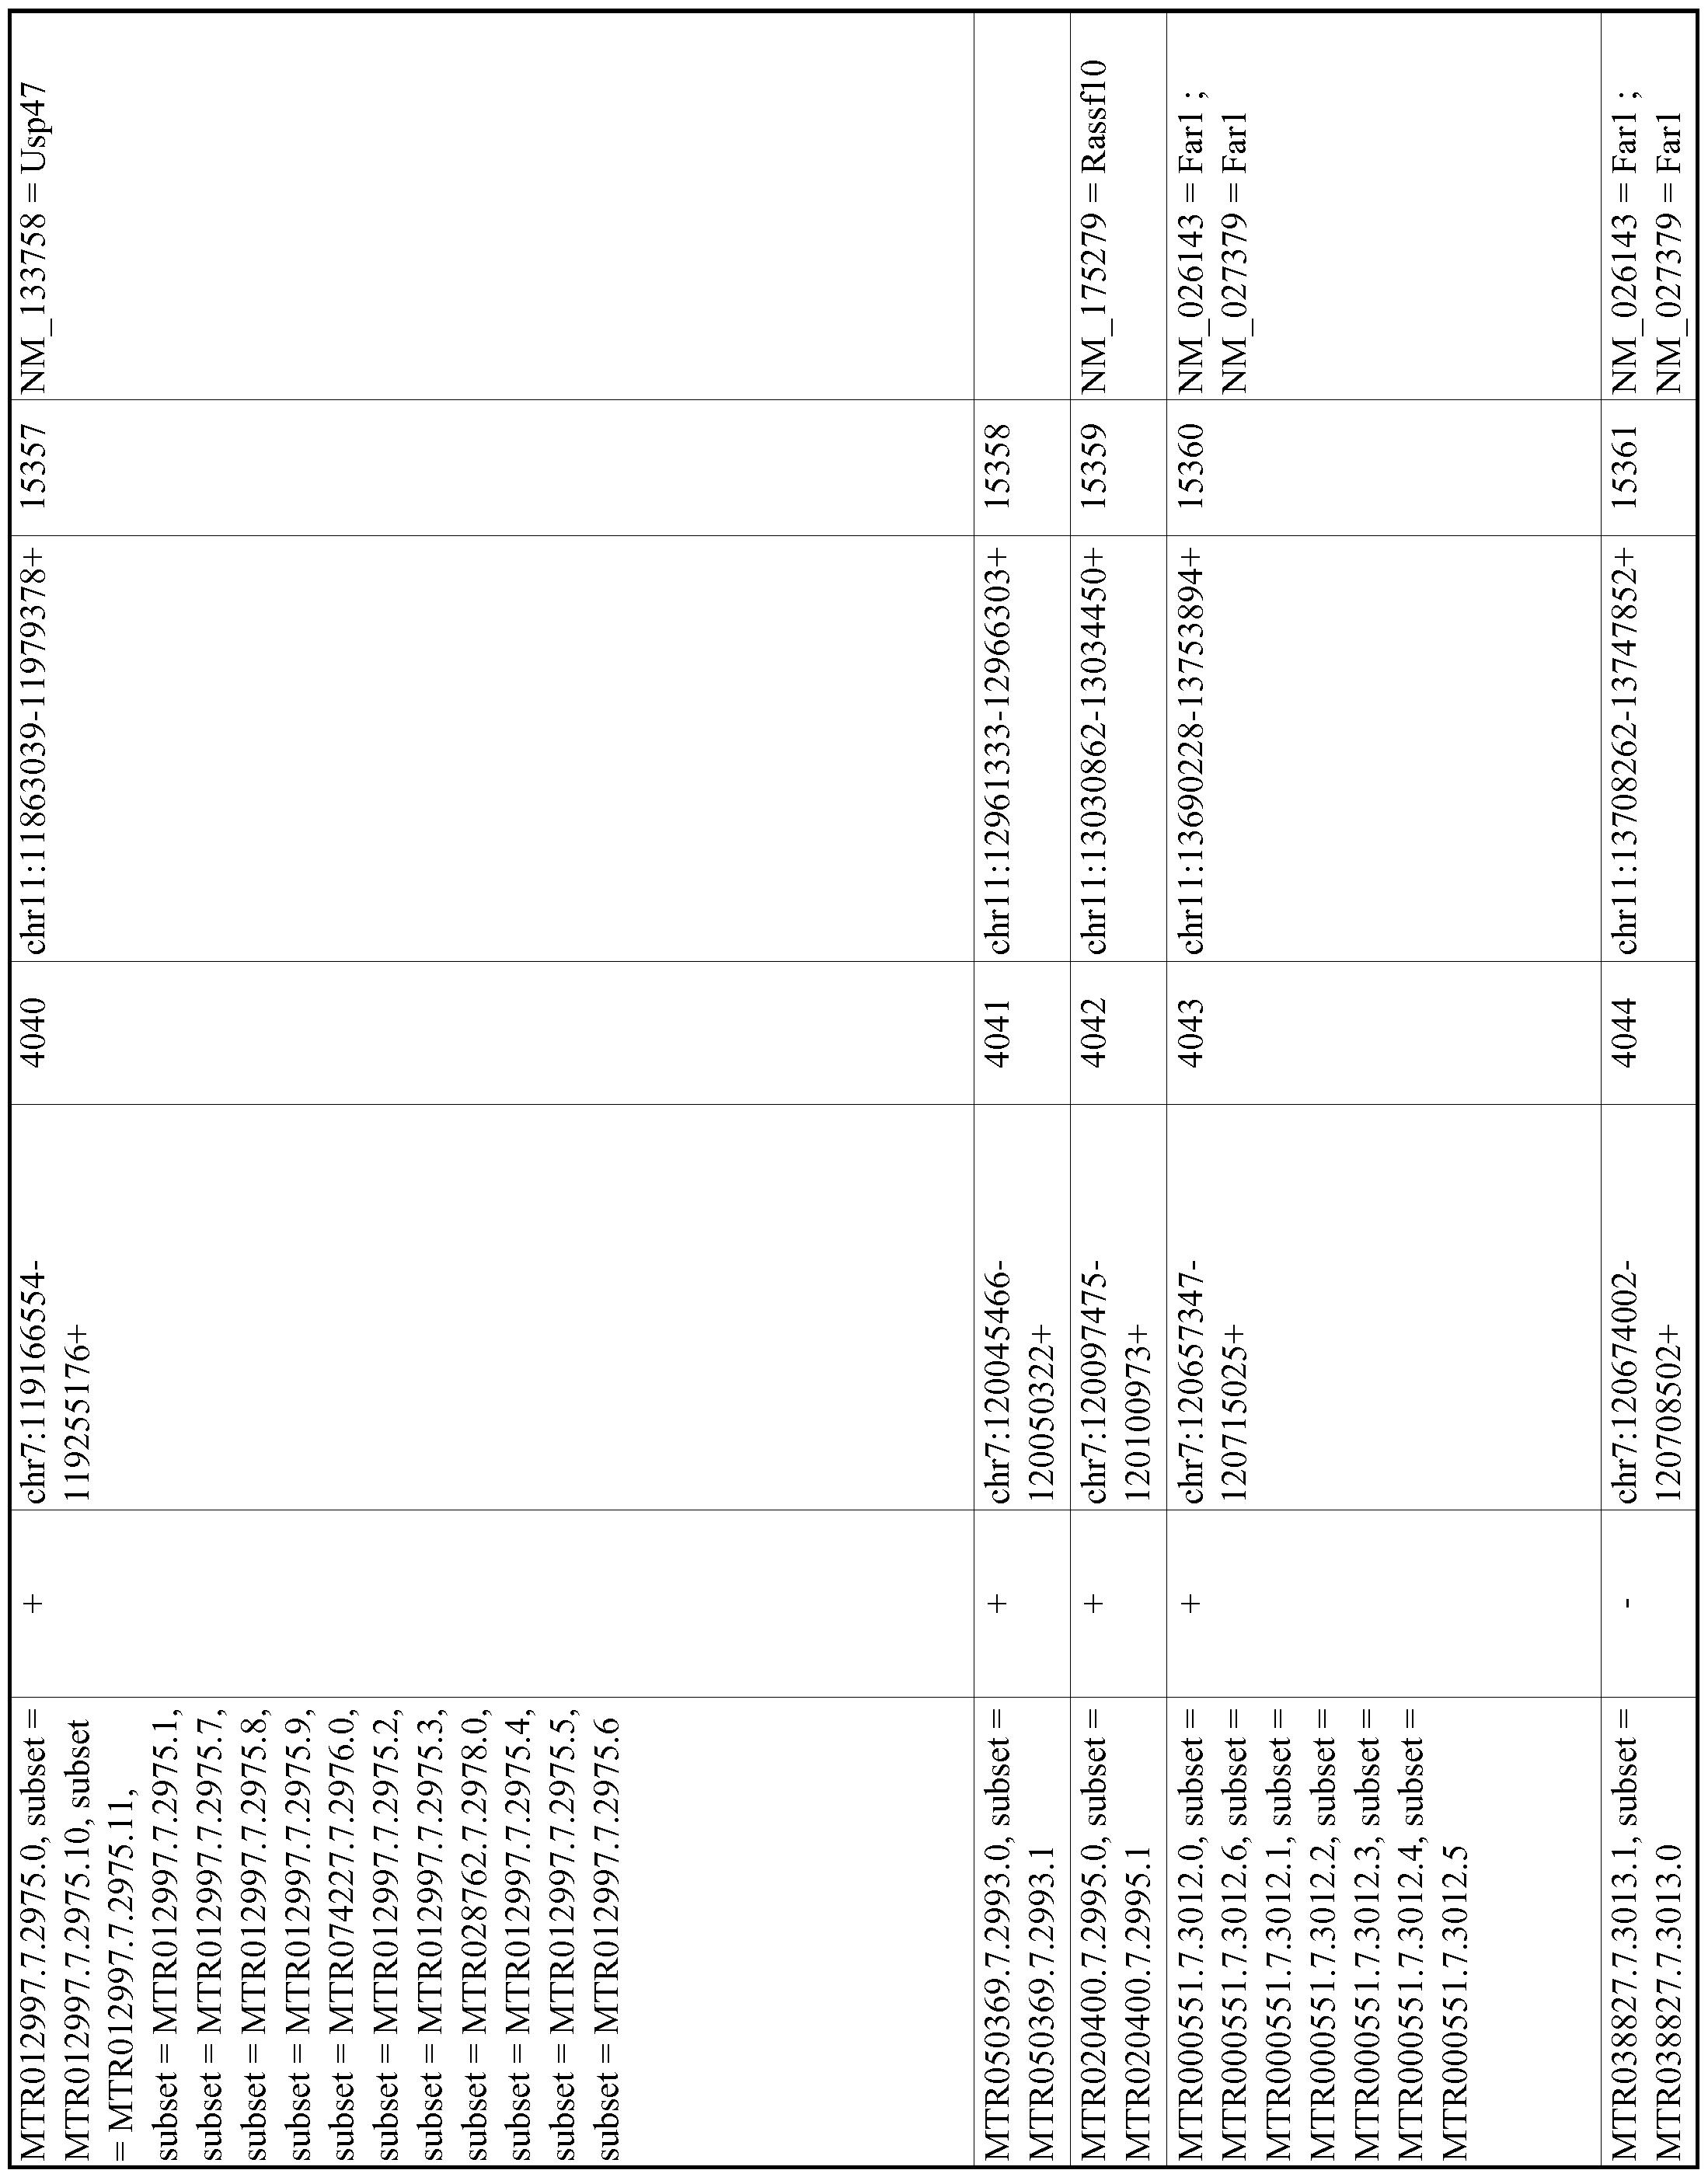 Figure imgf000767_0001